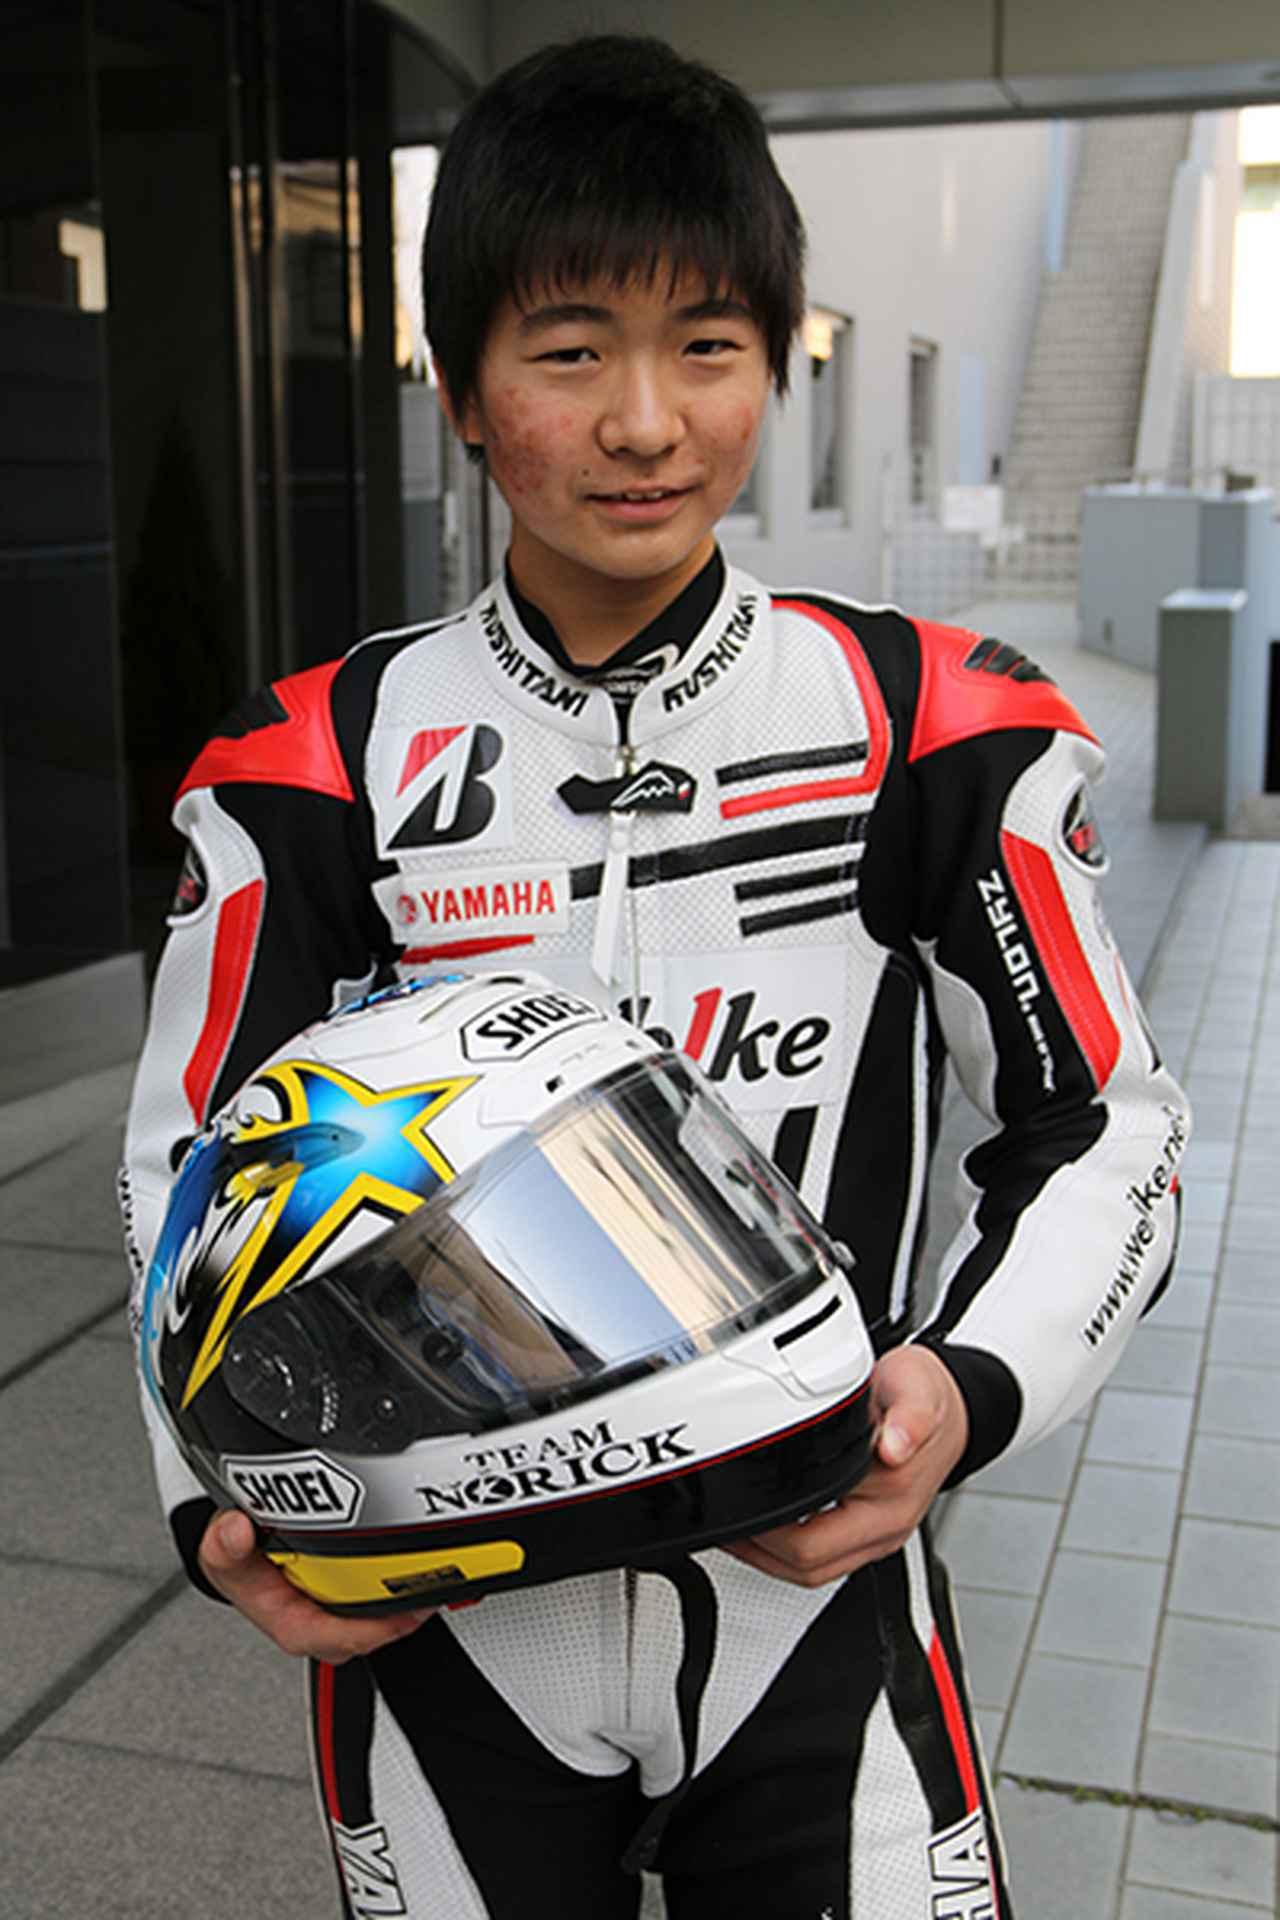 画像: レース活動を開始する阿部真生騎選手。手にするヘルメットは父親のモデルとなるノリックレプリカ